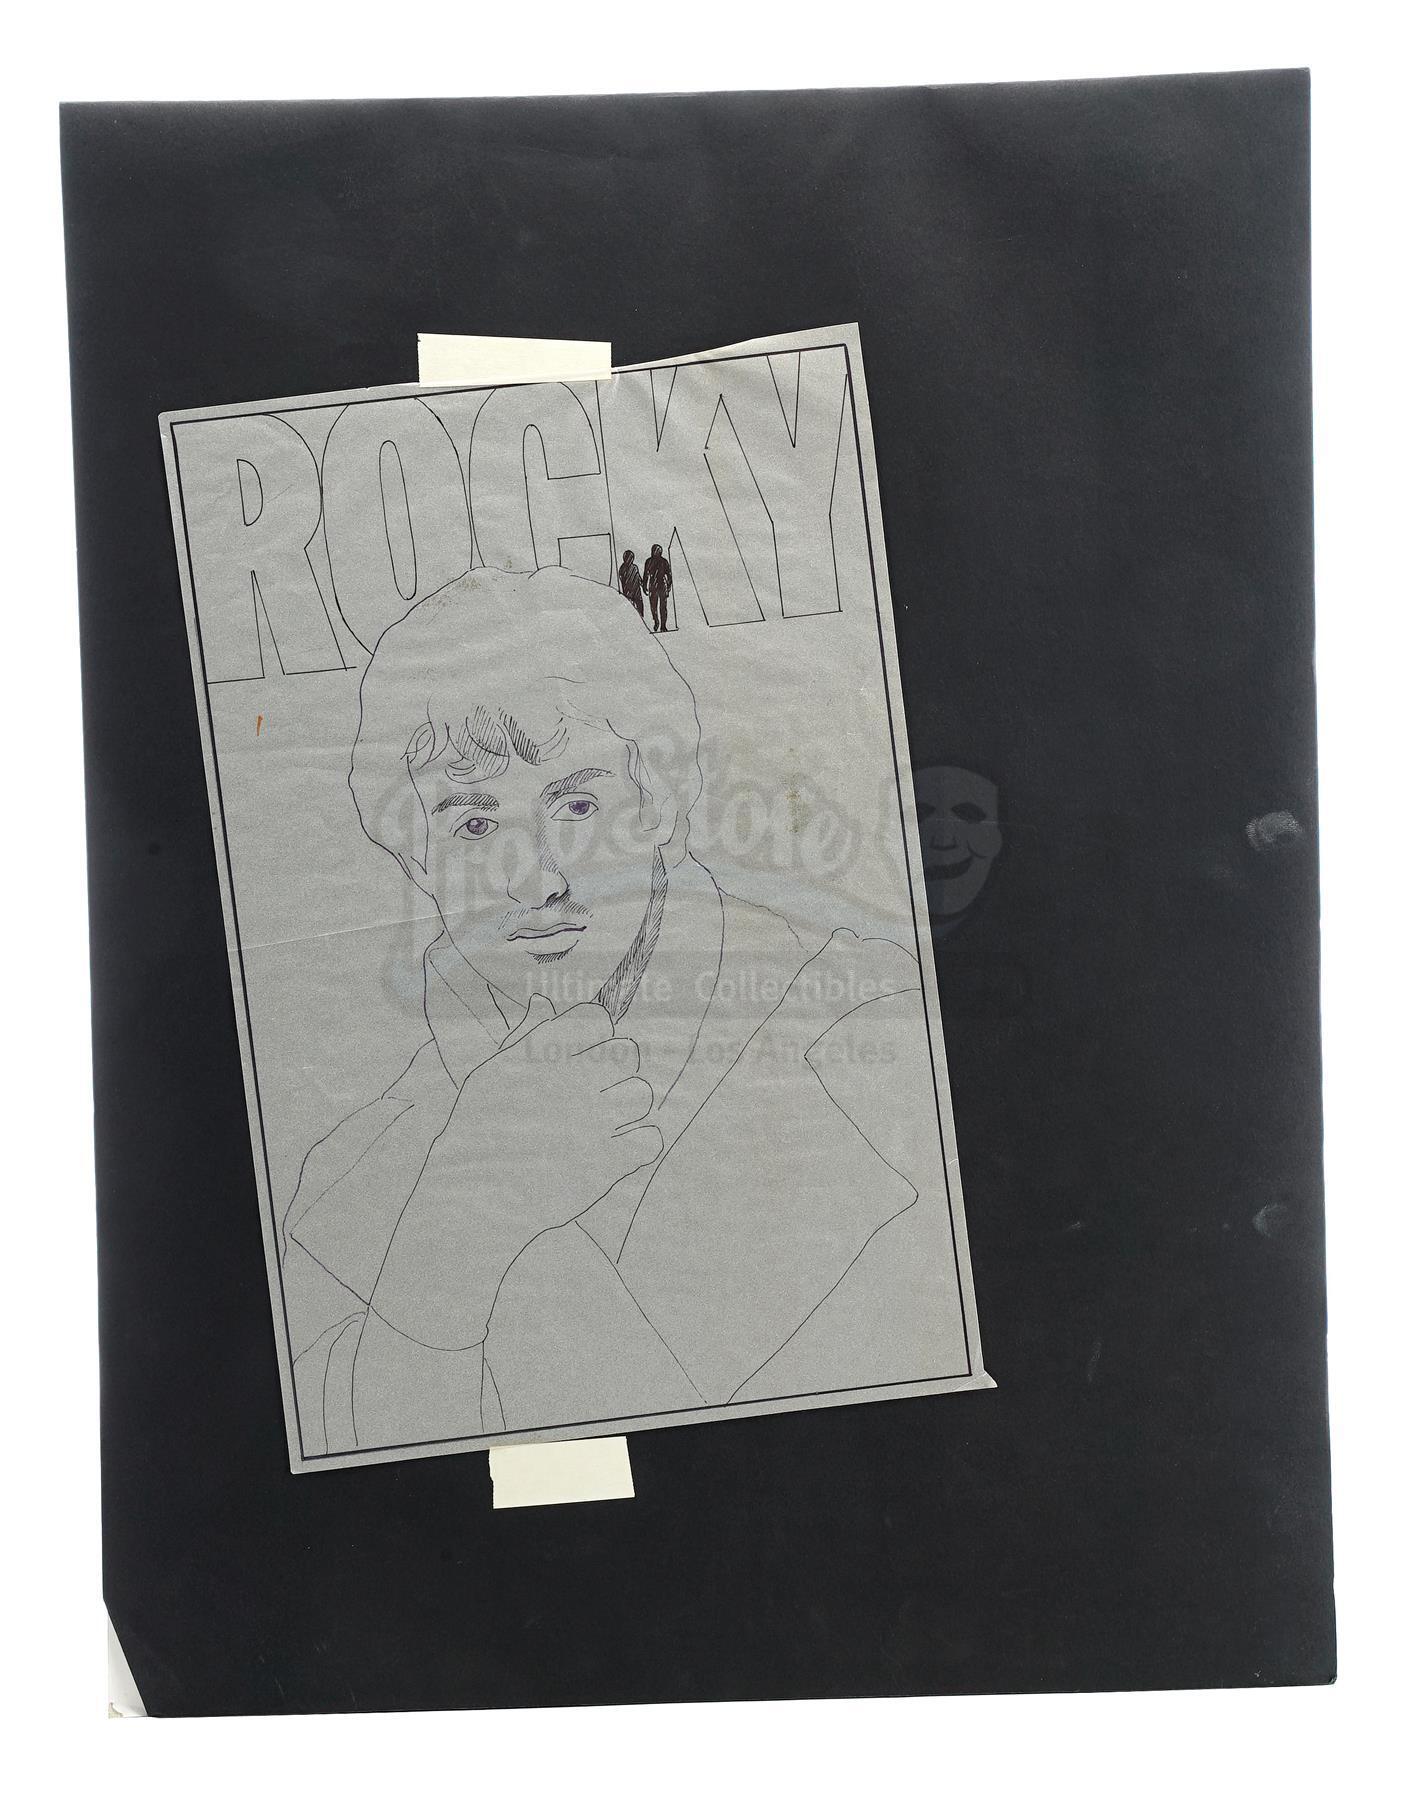 Lot # 996: ROCKY - Poster Development Art